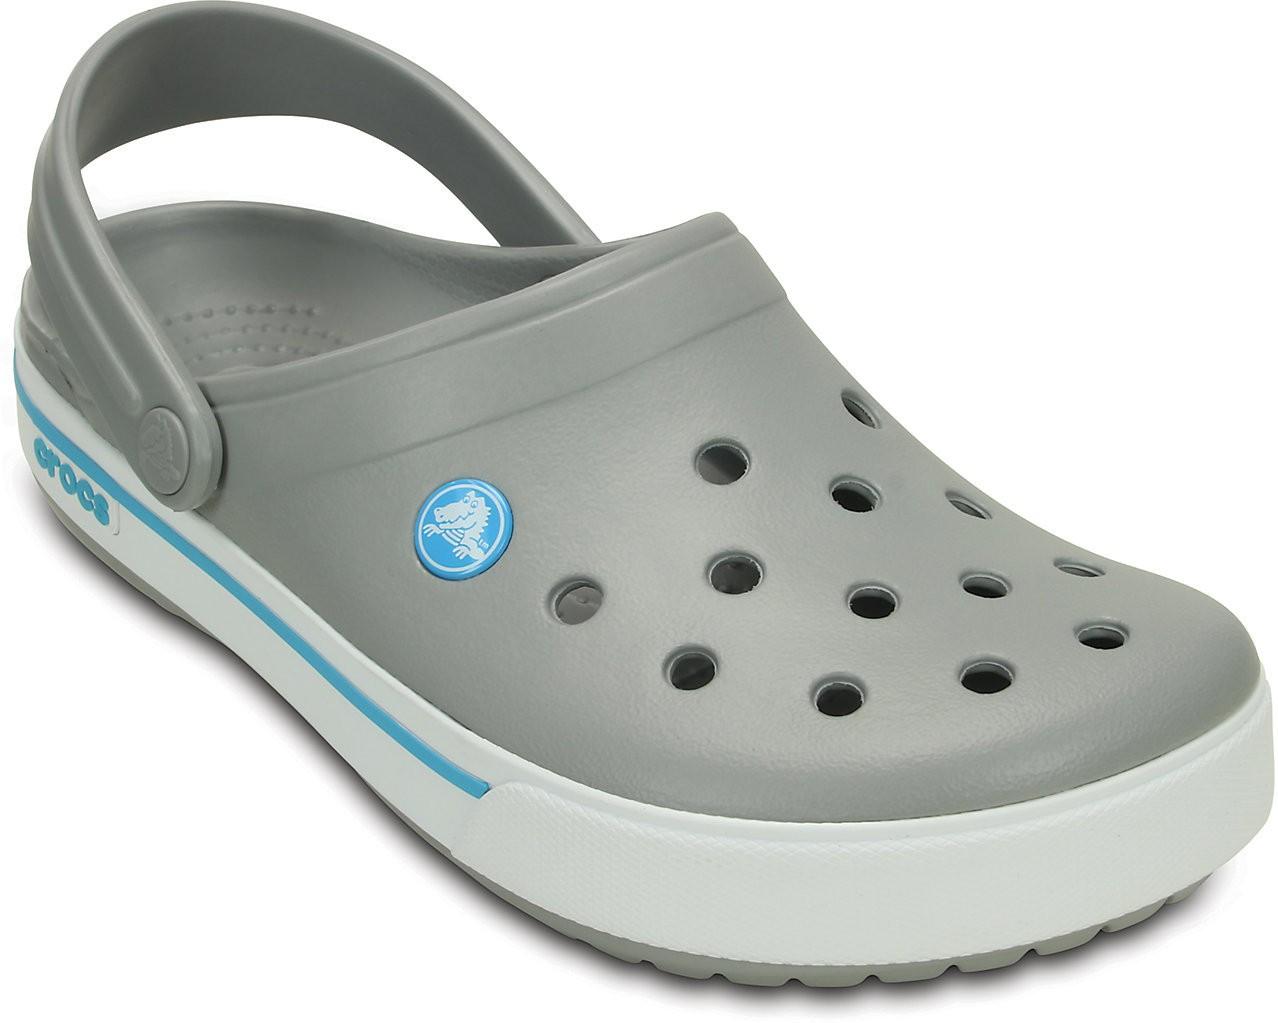 bdf2c799ec7d9d Crocs Products